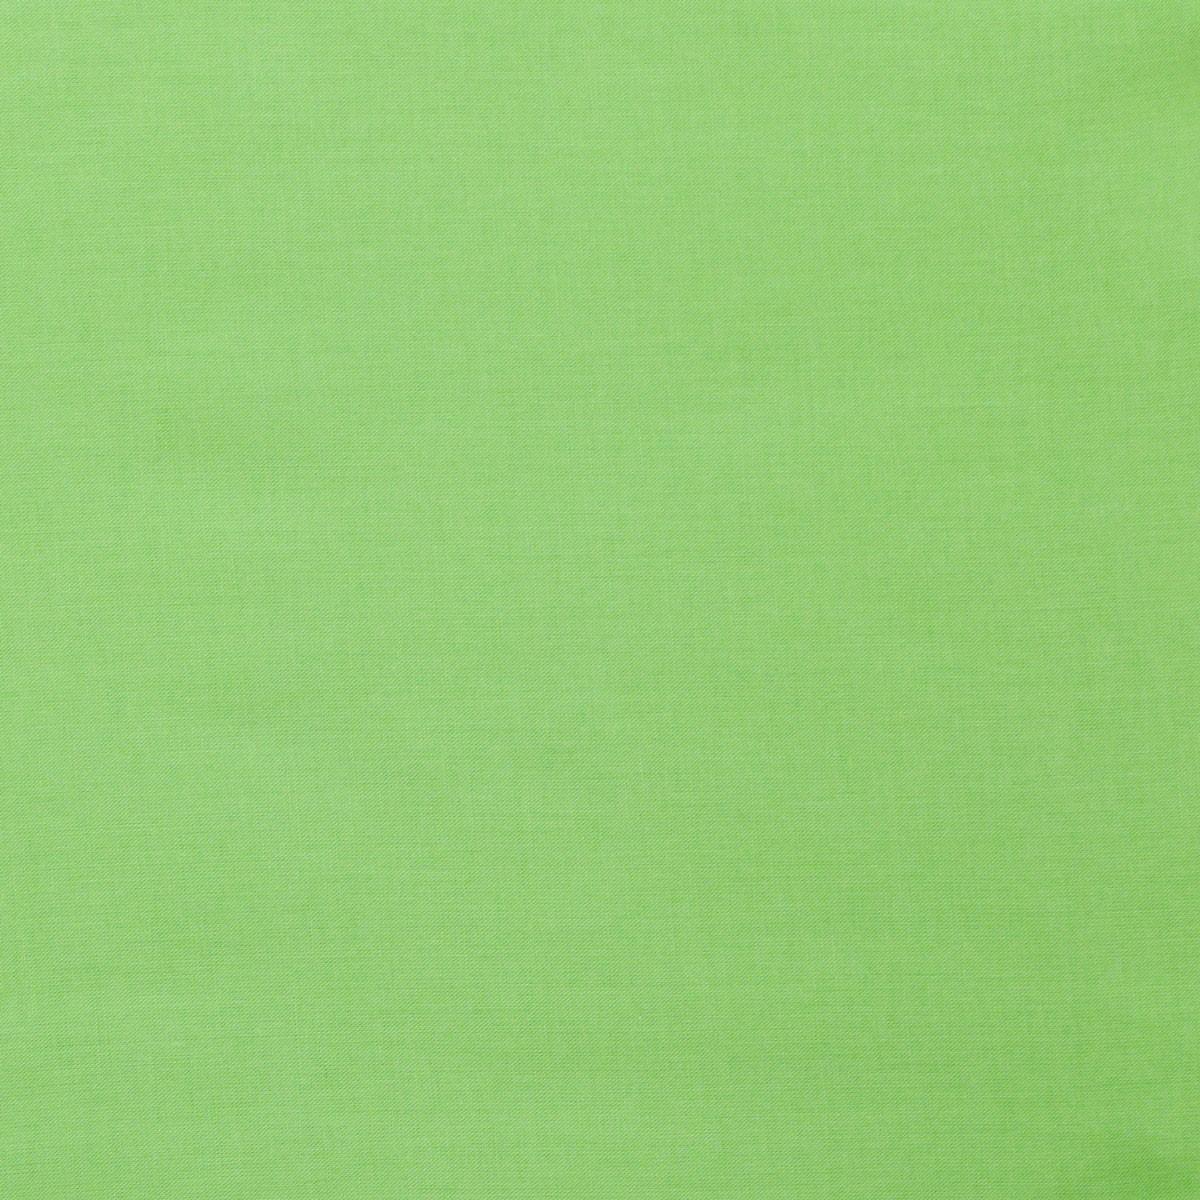 Kreativstoff Baumwollstoff Fahnentuch einfarbig apfelgrün 1,45m Breite